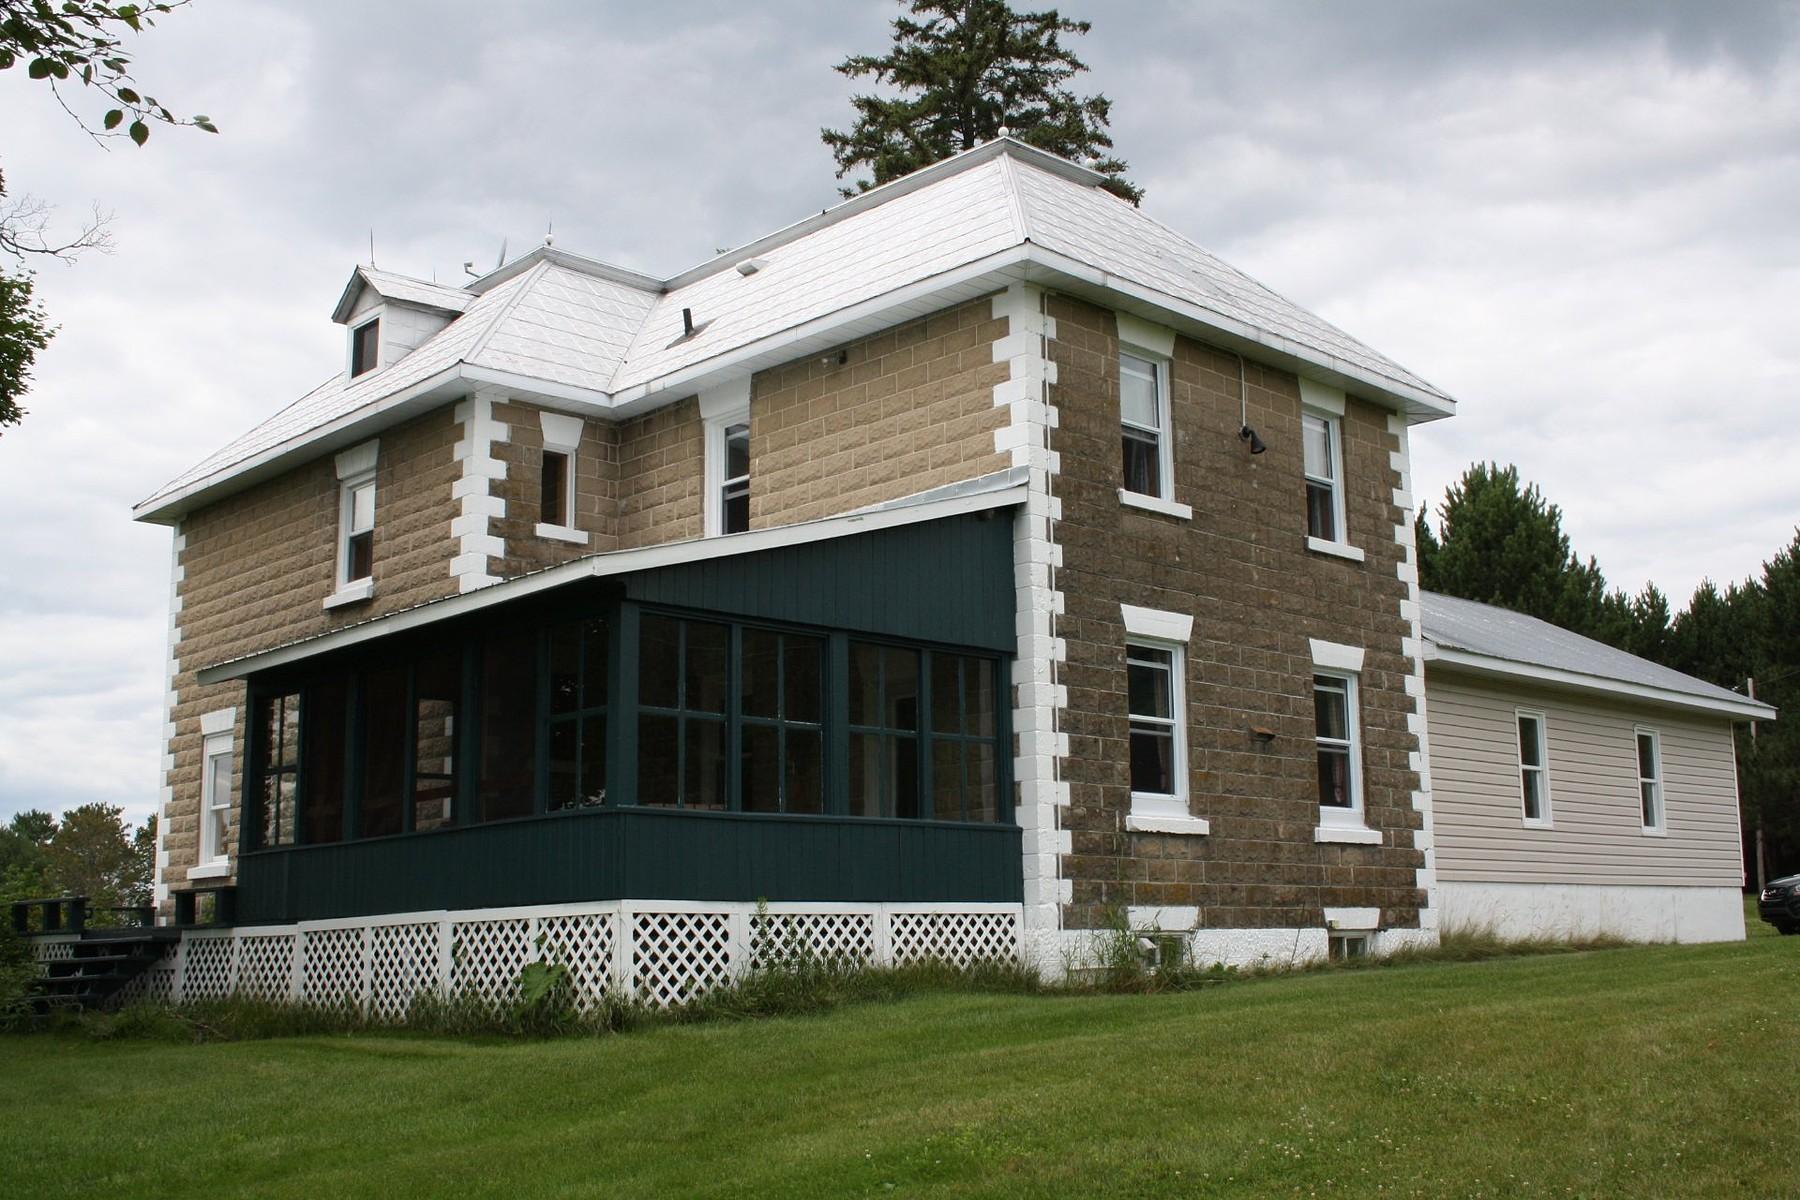 農場 / 牧場 / 種植場 為 出售 在 1628 acres WATERFRONT ESTATE 48A Ch. de la Montagne Sheenboro, 魁北克省 J0X2Z0 加拿大